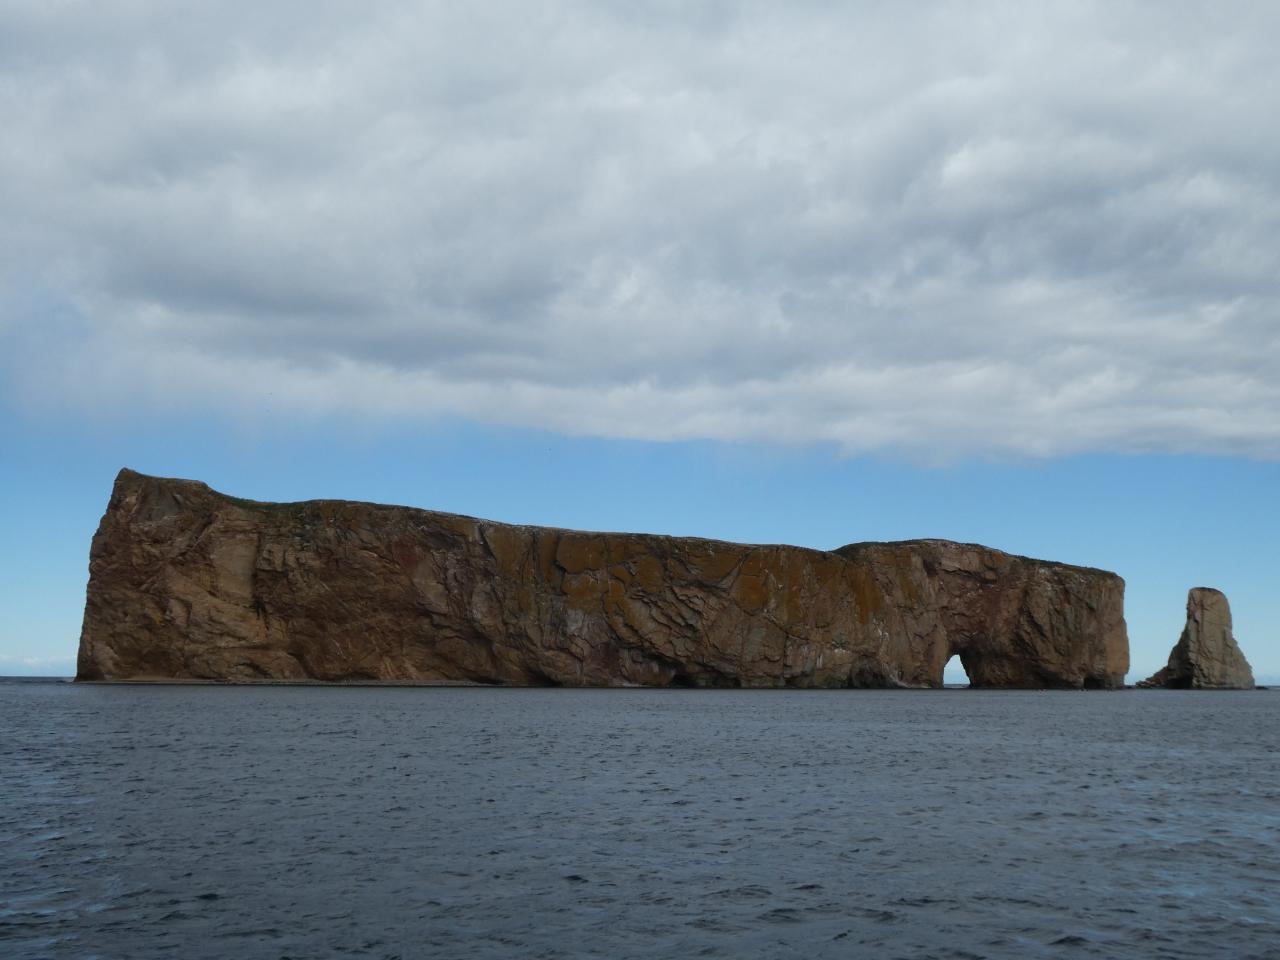 Photo 2: Percé et son rocher, Gaspésie